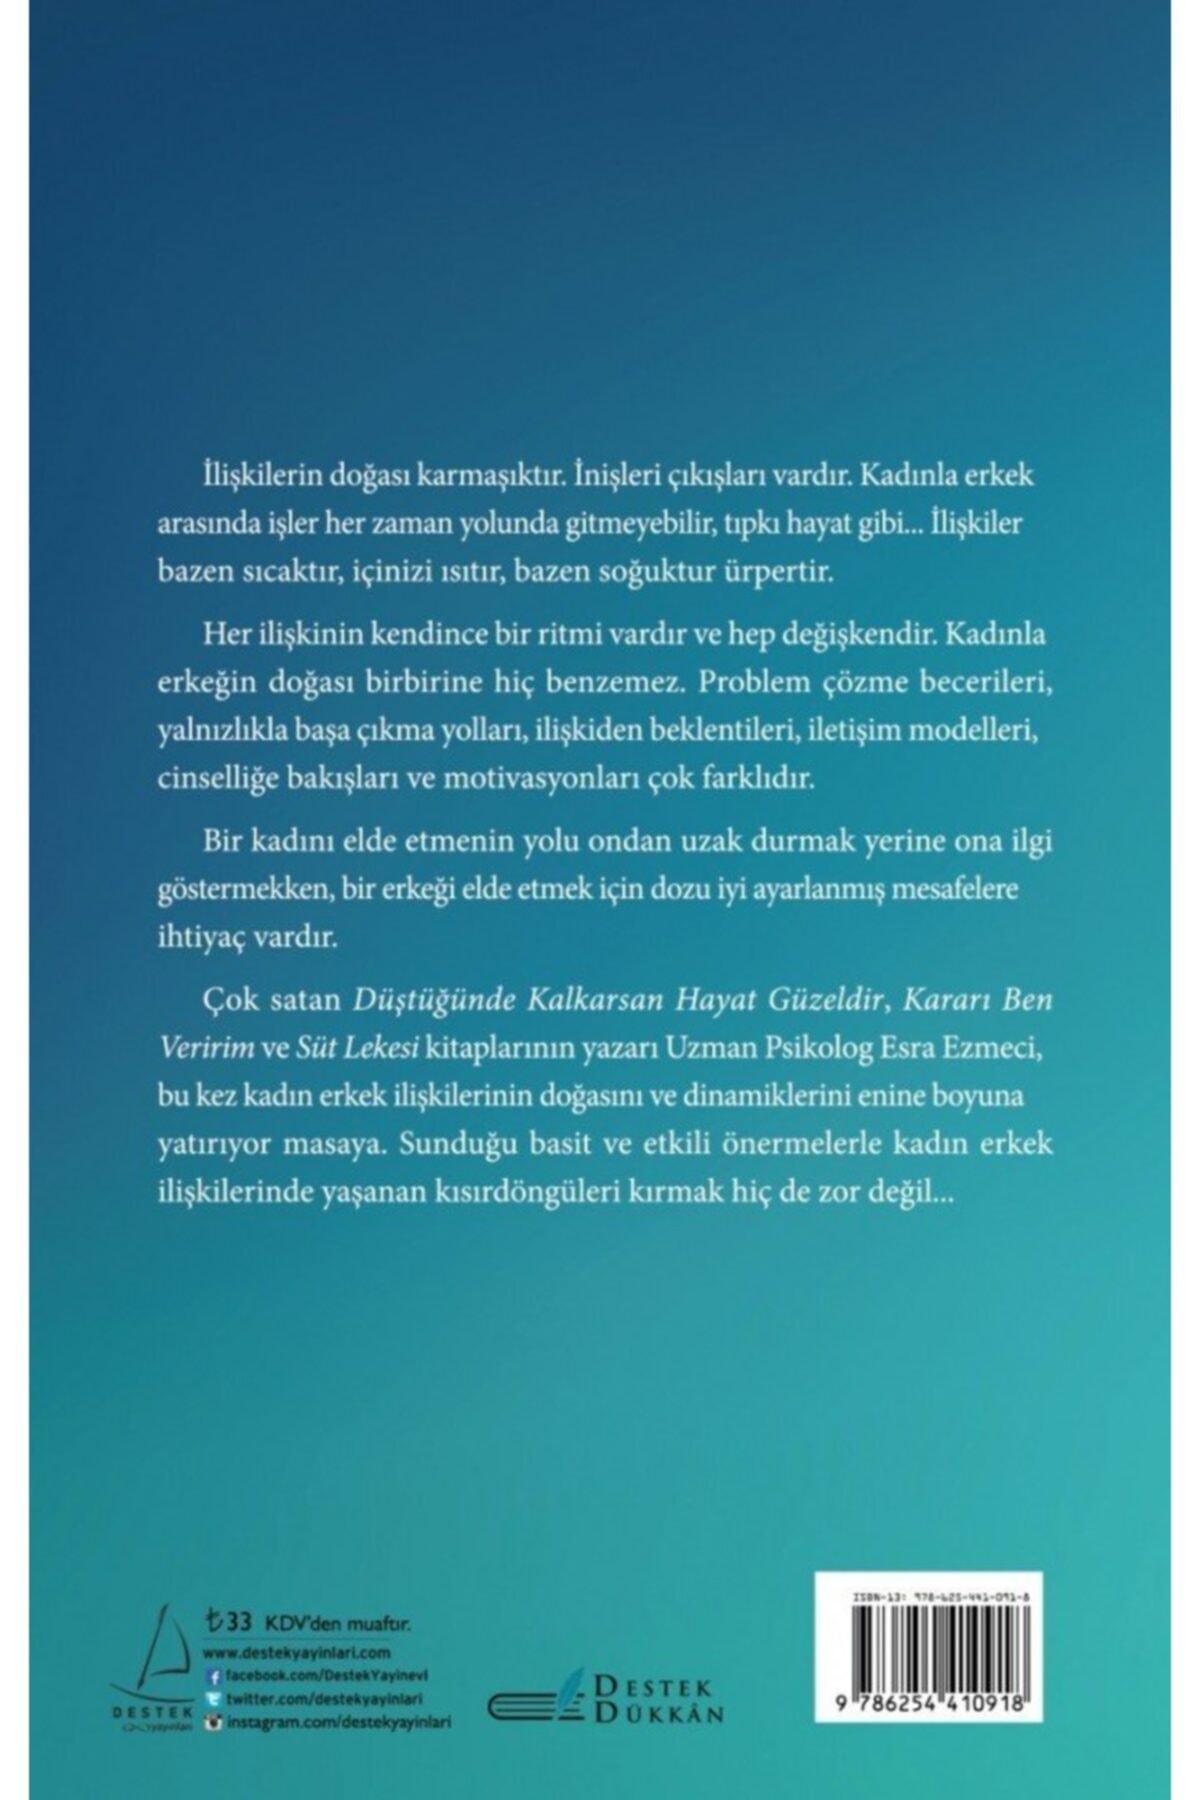 Destek Yayınları Kadınlar Sıcak Erkekler Soğuk Sever - Esra Ezmeci 2